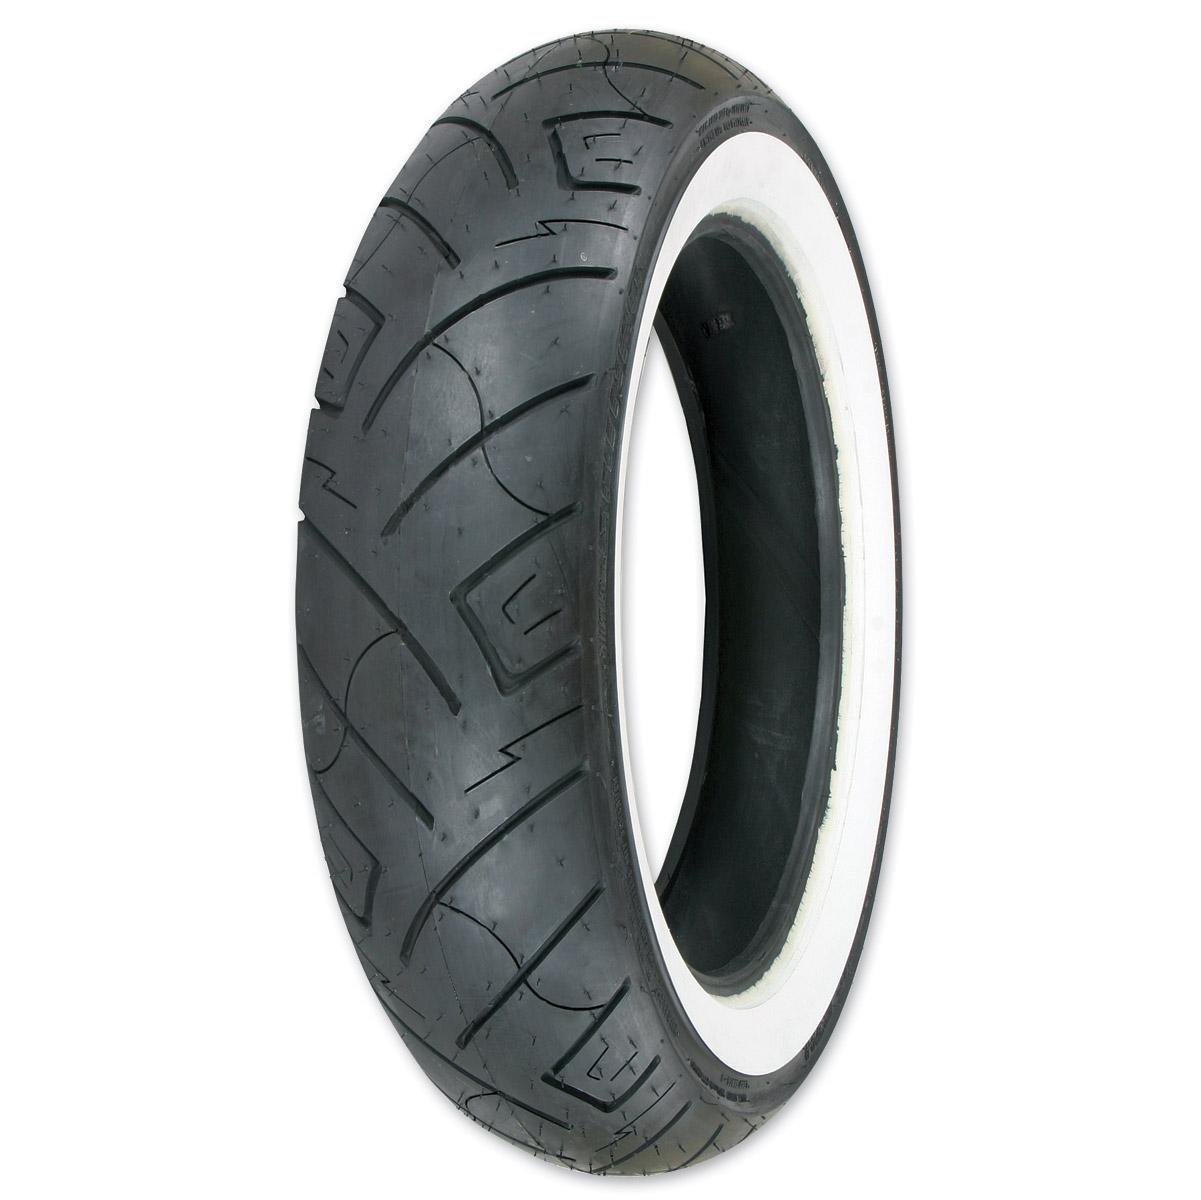 Shinko 777 HD 150/90-15 Wide Whitewall Rear Tire